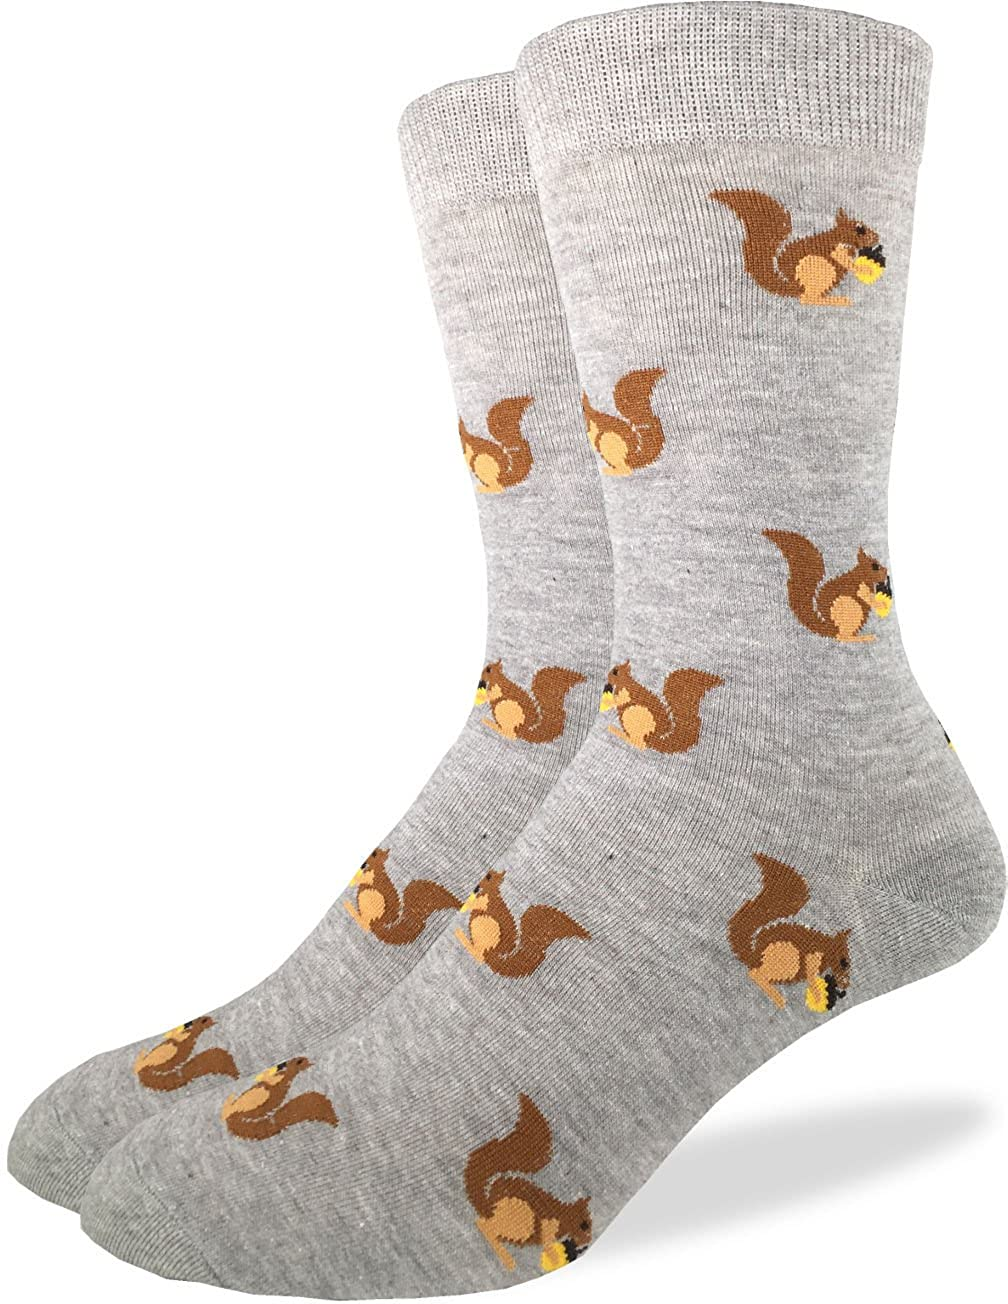 Good Luck Sock Men's Squirrels Crew Socks,Grey,Shoe: 7-12